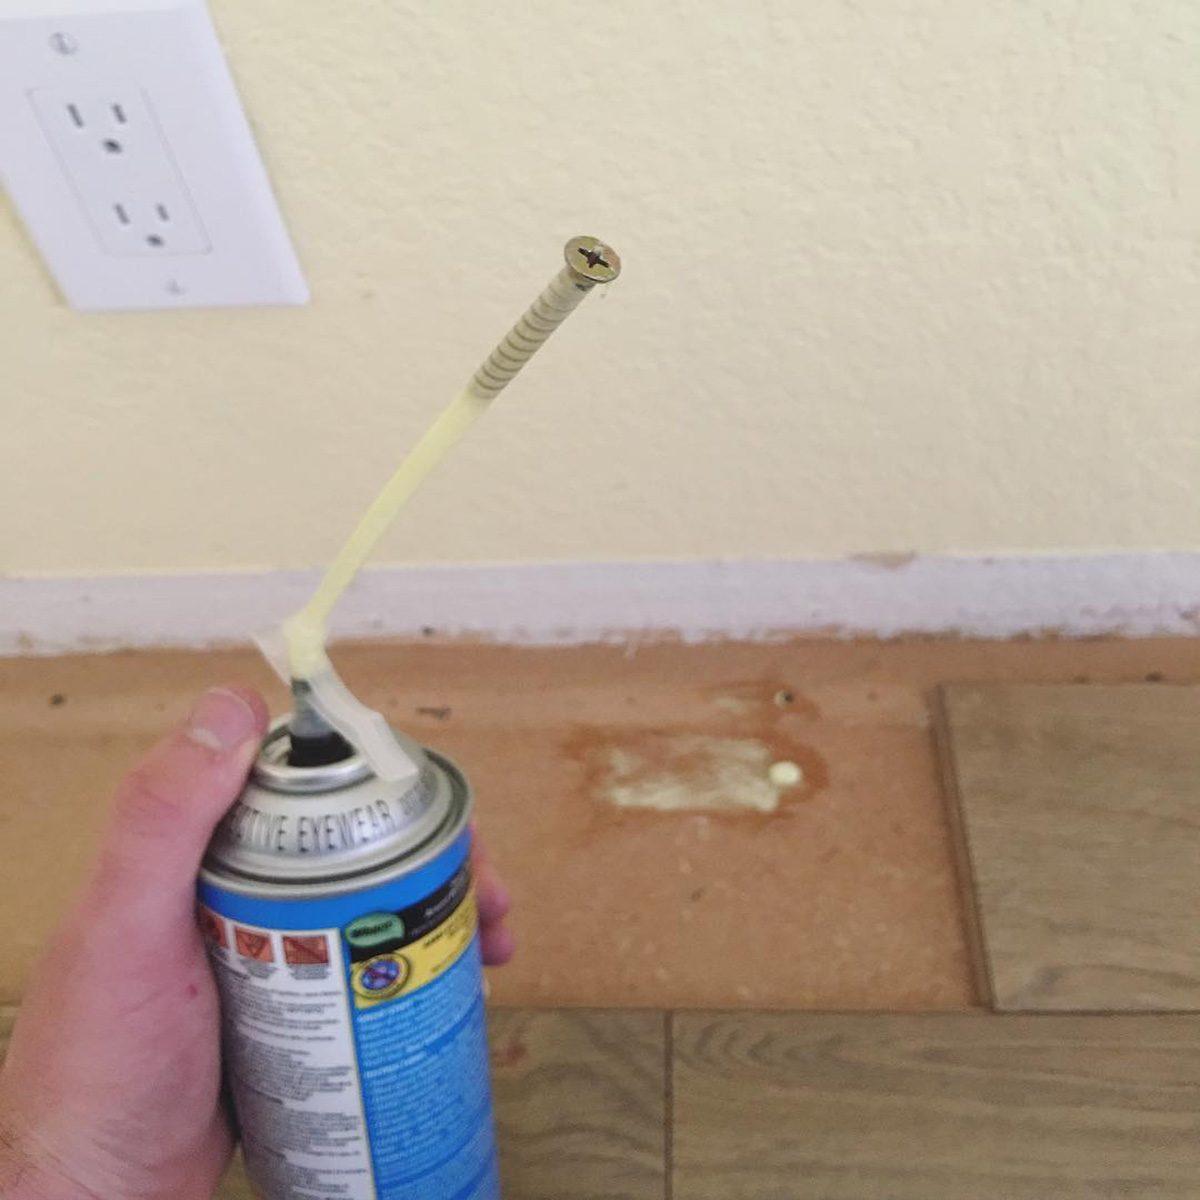 Plug with wood screw